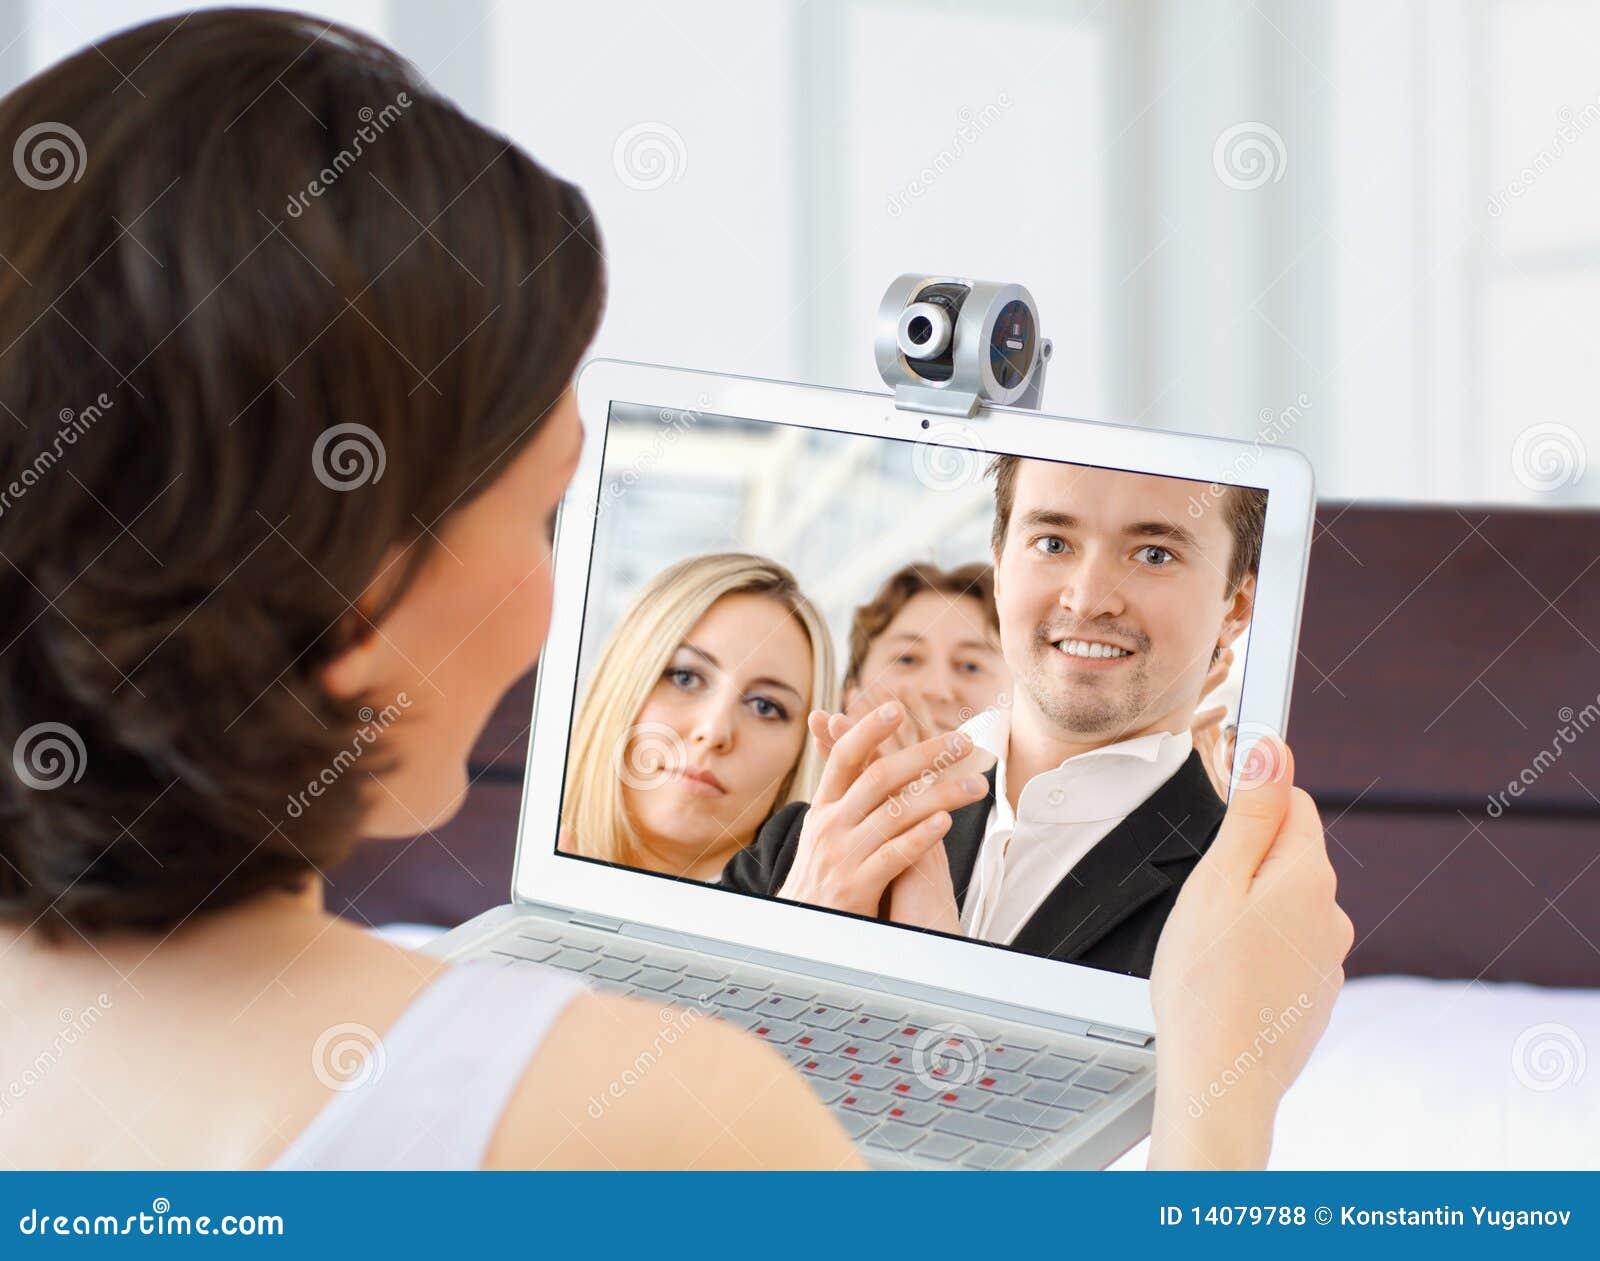 Чат для знакомств по скайпу, Вирт секс по скайпу: бесплатные знакомства по 26 фотография